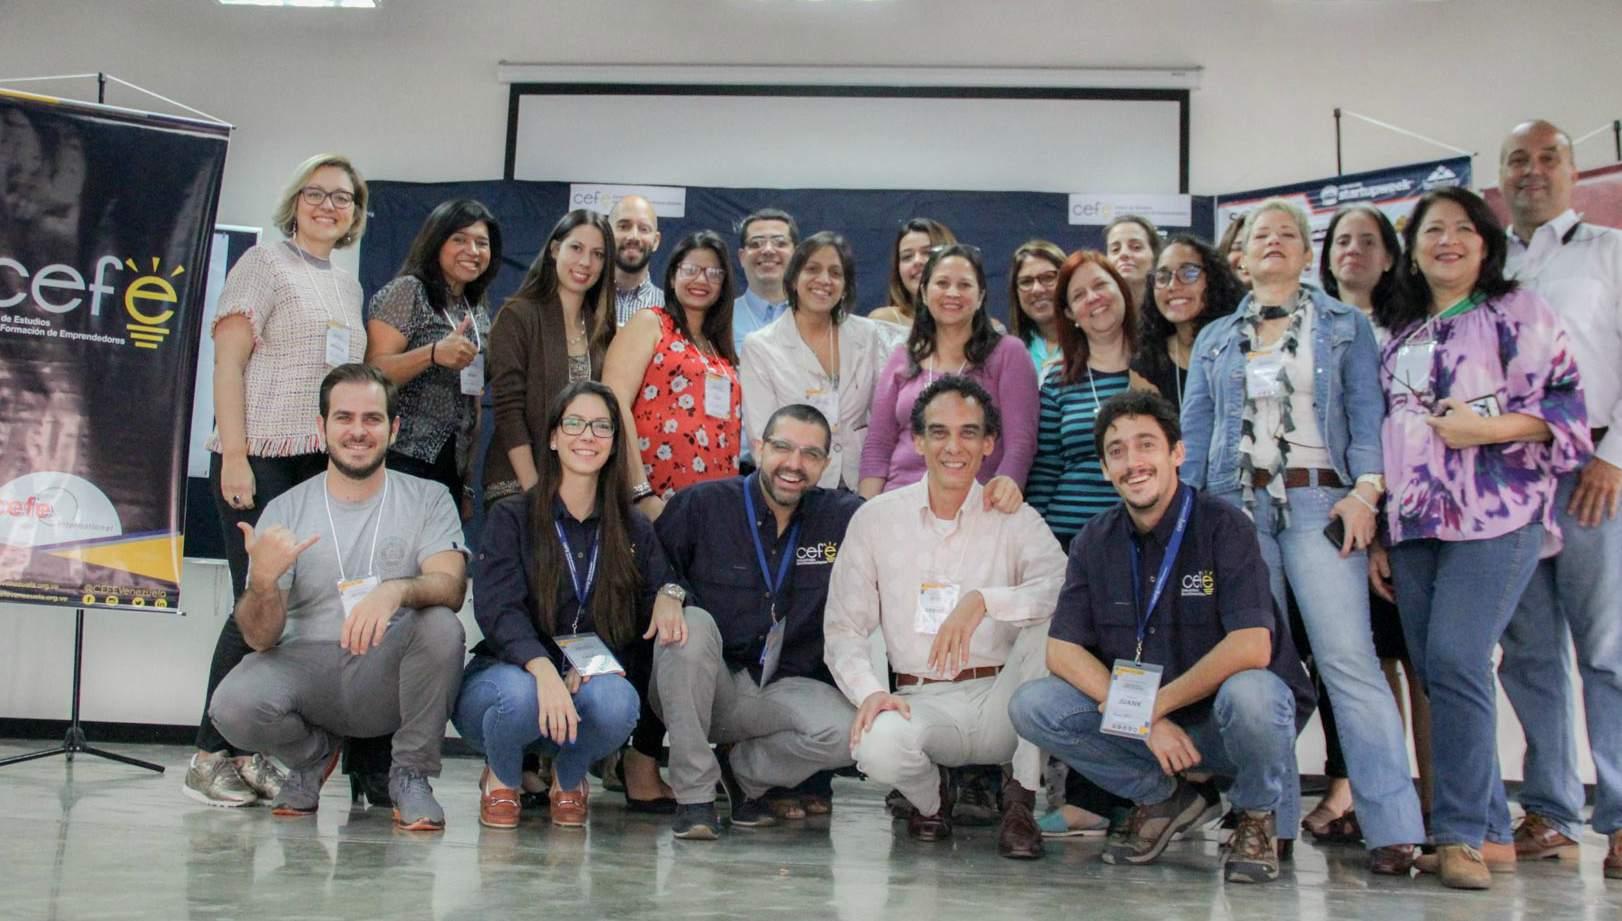 DOBLE LLAVE - Del 18 al 22 de junio más de 50 organizaciones se reunieron para disfrutar de una experiencia más que emprendedora